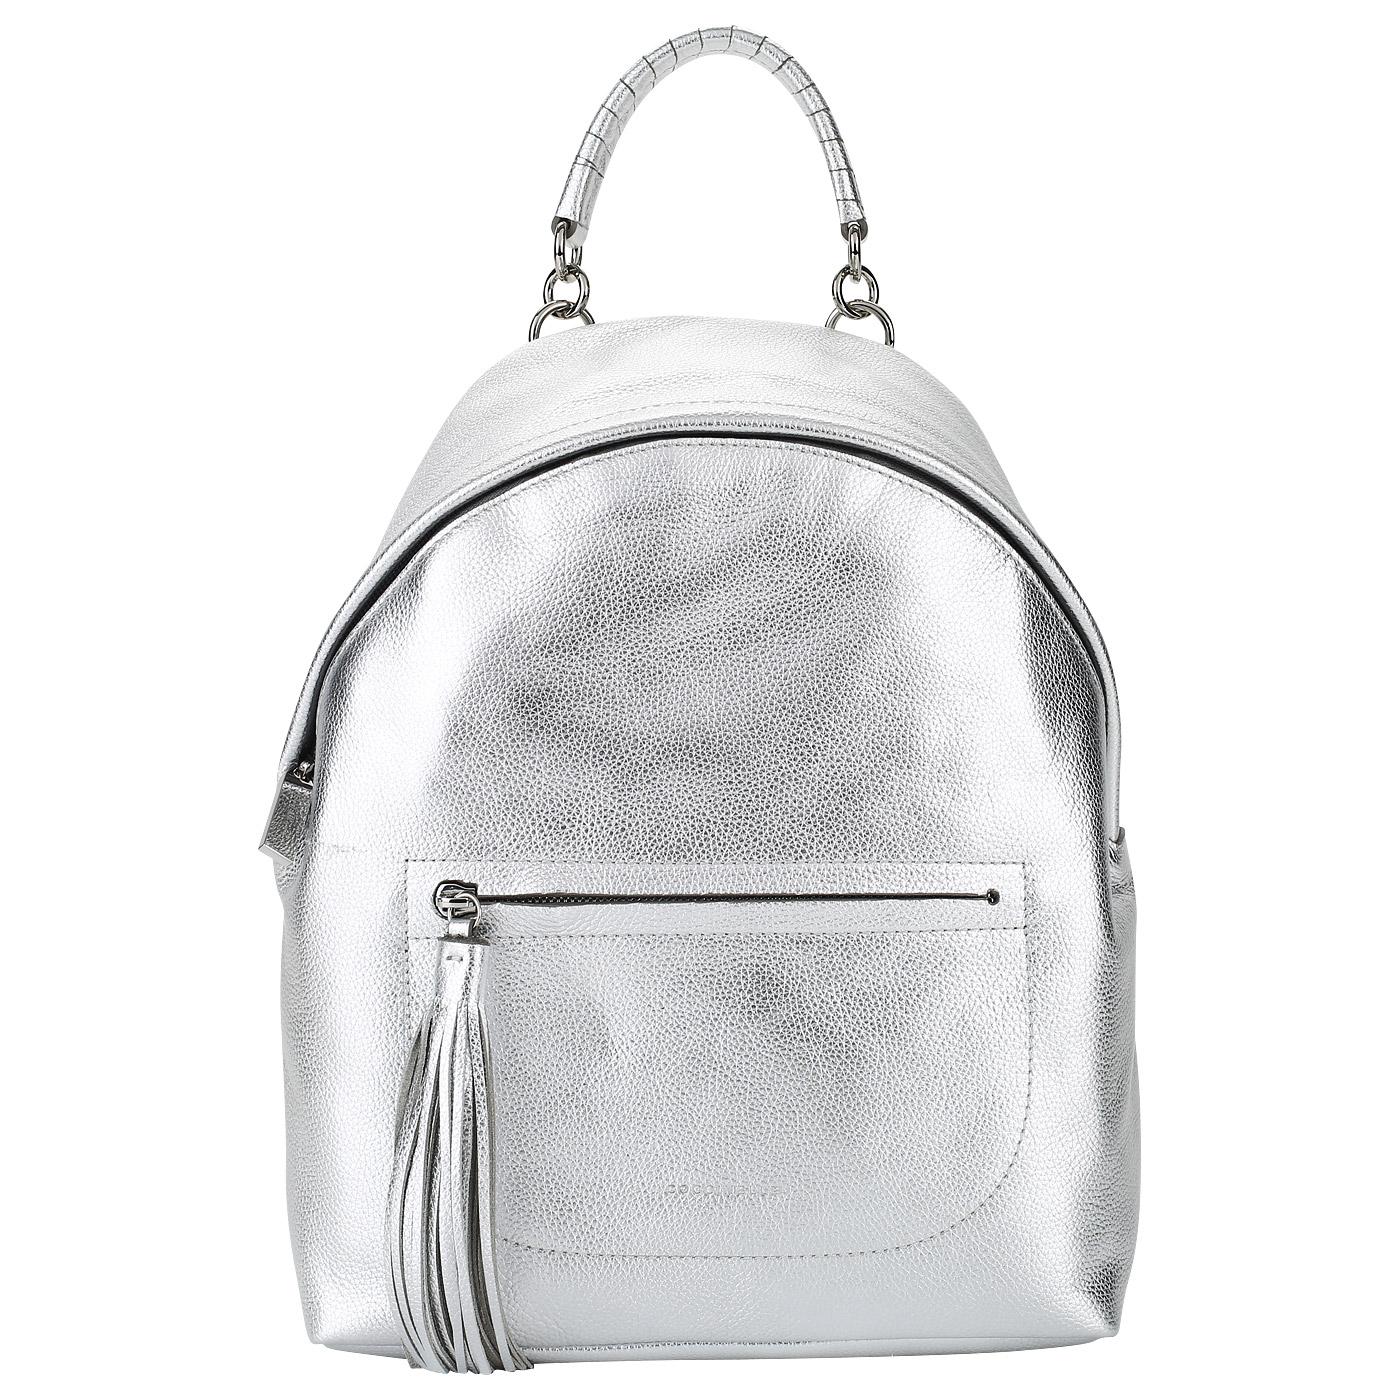 Женский рюкзак из серебристой кожи Coccinelle Leonie BN0 14 01 ... 9bf88beeaa9